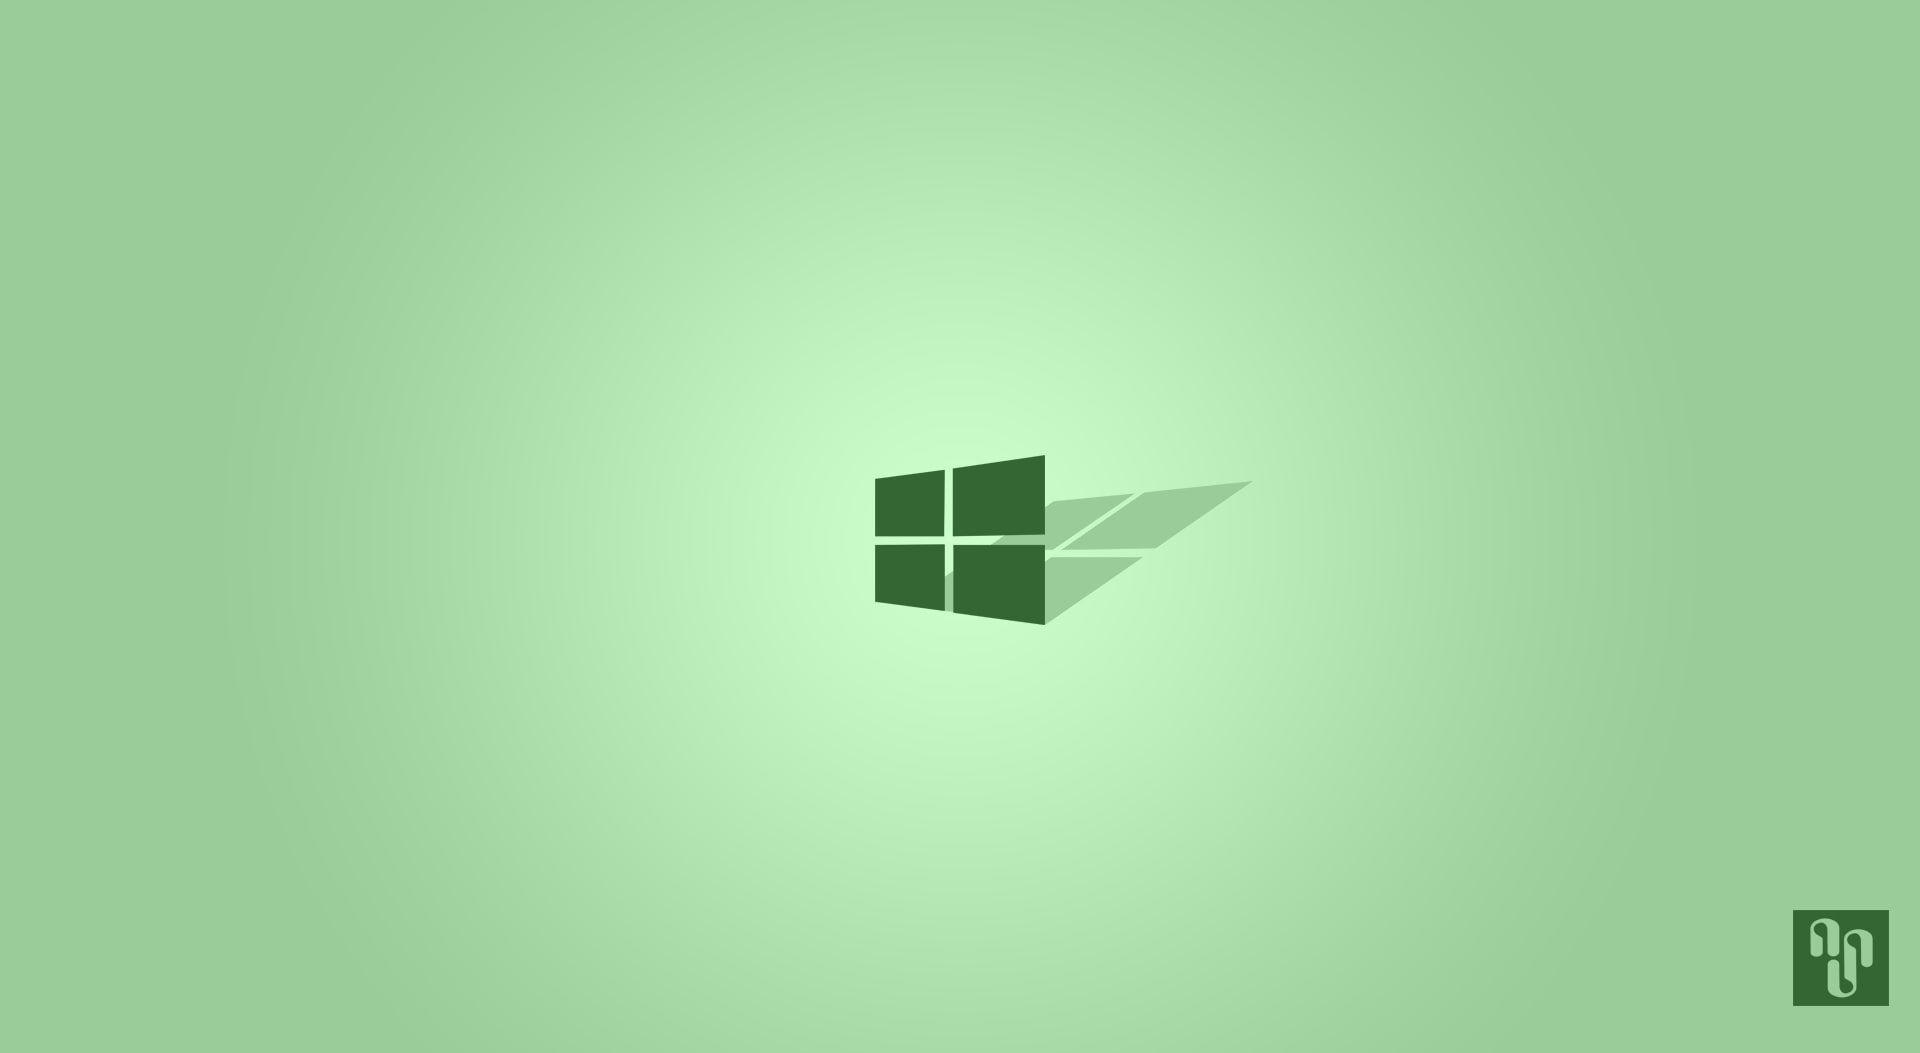 Ultra Hd 4k Windows 8 Wallpapers Hd Desktop Backgrounds 3840x2400 Wallpaper Pc 3d Desktop Wallpaper Hd Wallpapers For Pc